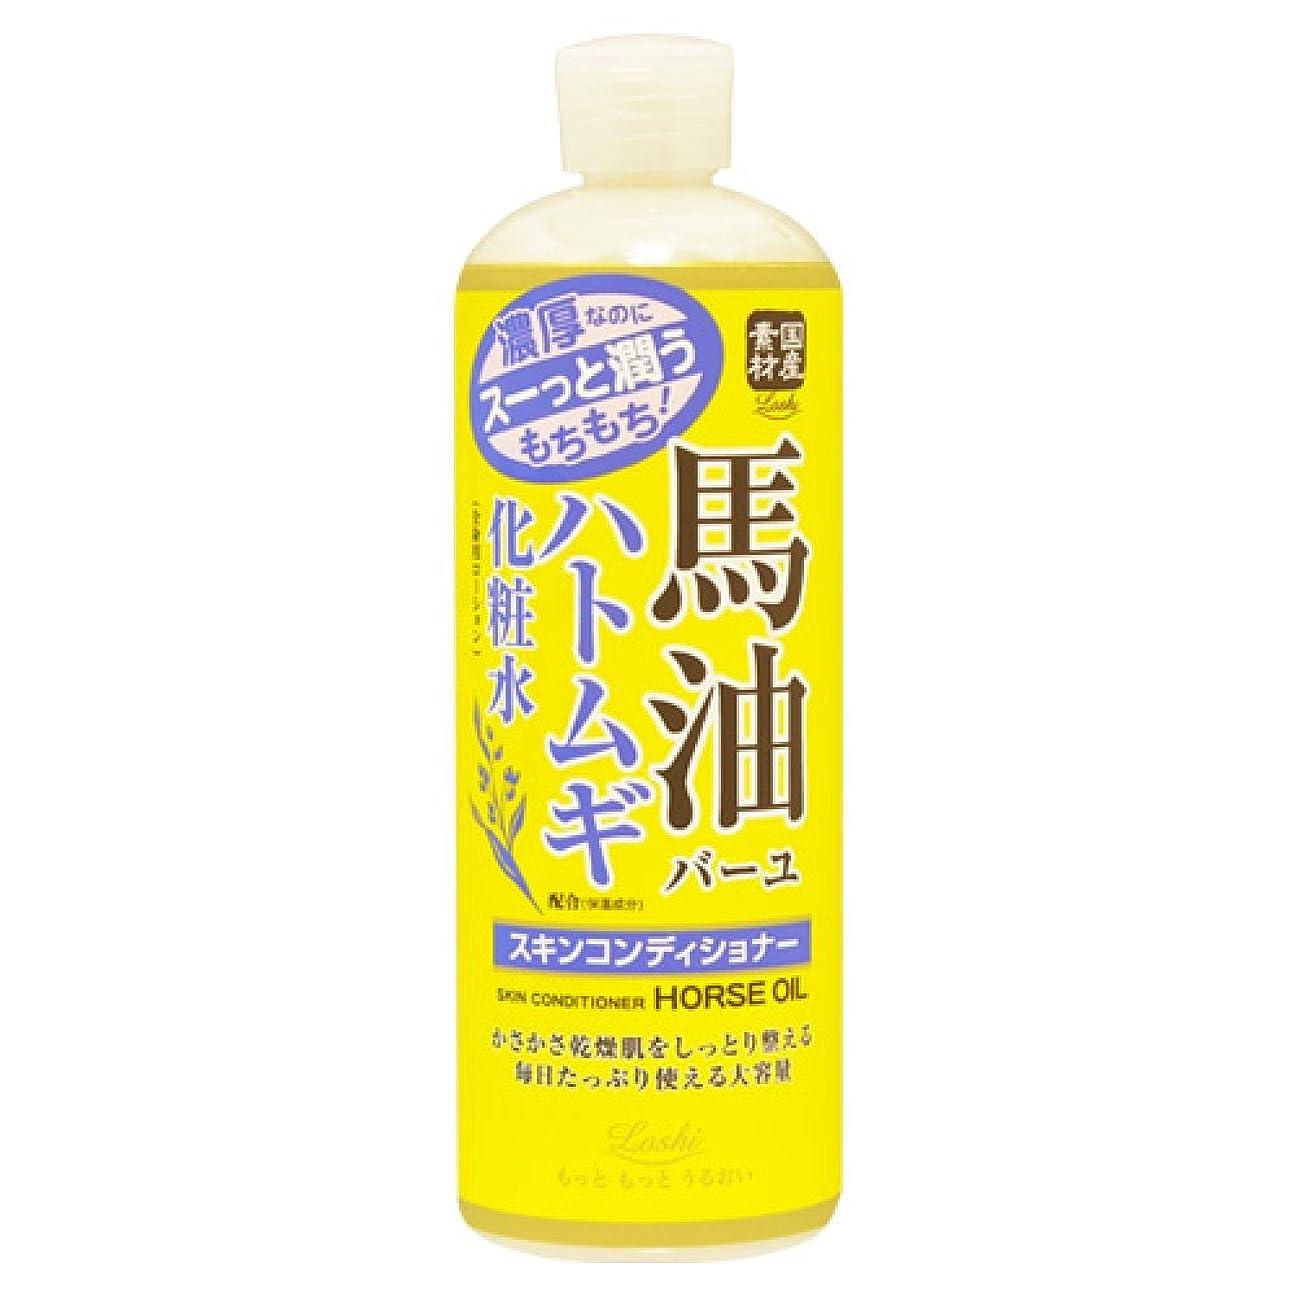 嫌がる高架歌うロッシモイストエイド スキンコンディショナー 馬油&ハトムギ 500ml (化粧水 ローション 高保湿)